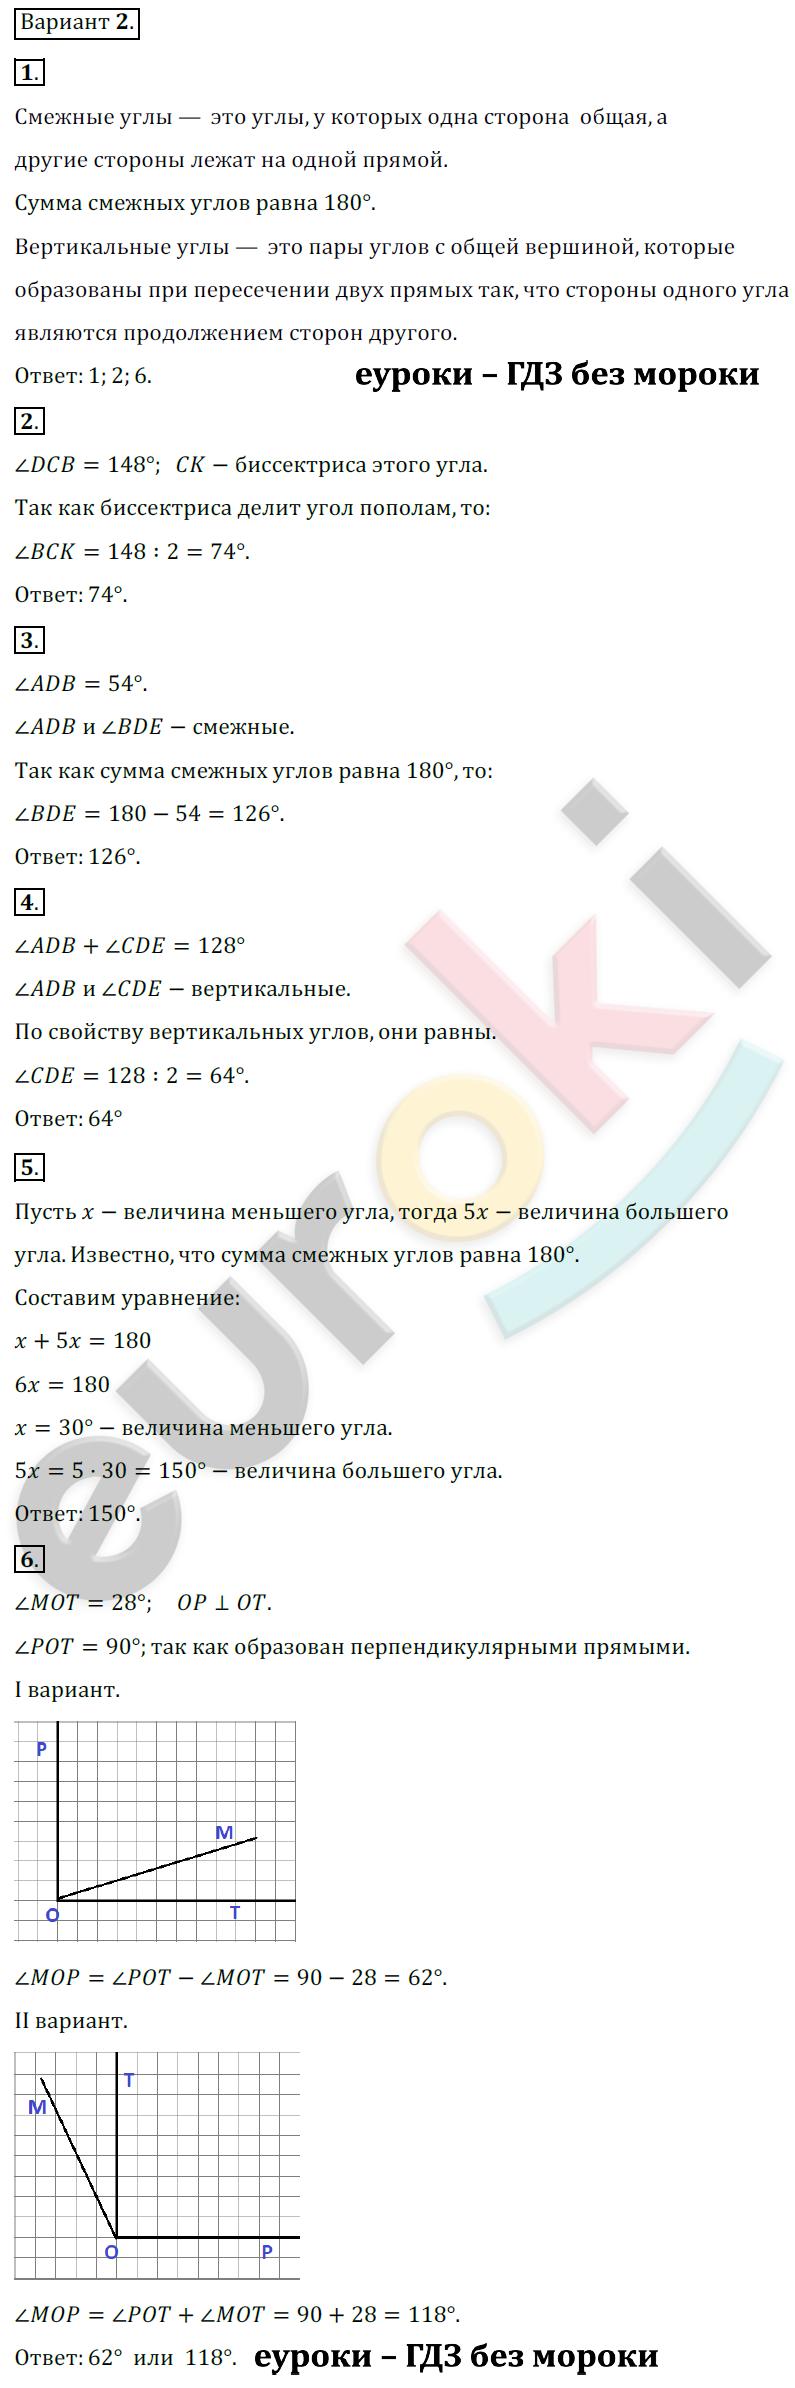 ГДЗ по геометрии 7 класс контрольные работы Мельникова, Погорелов Экзамен ответы и решения онлайн КР-2. Смежные и вертикальные углы. Задание: Вариант 2